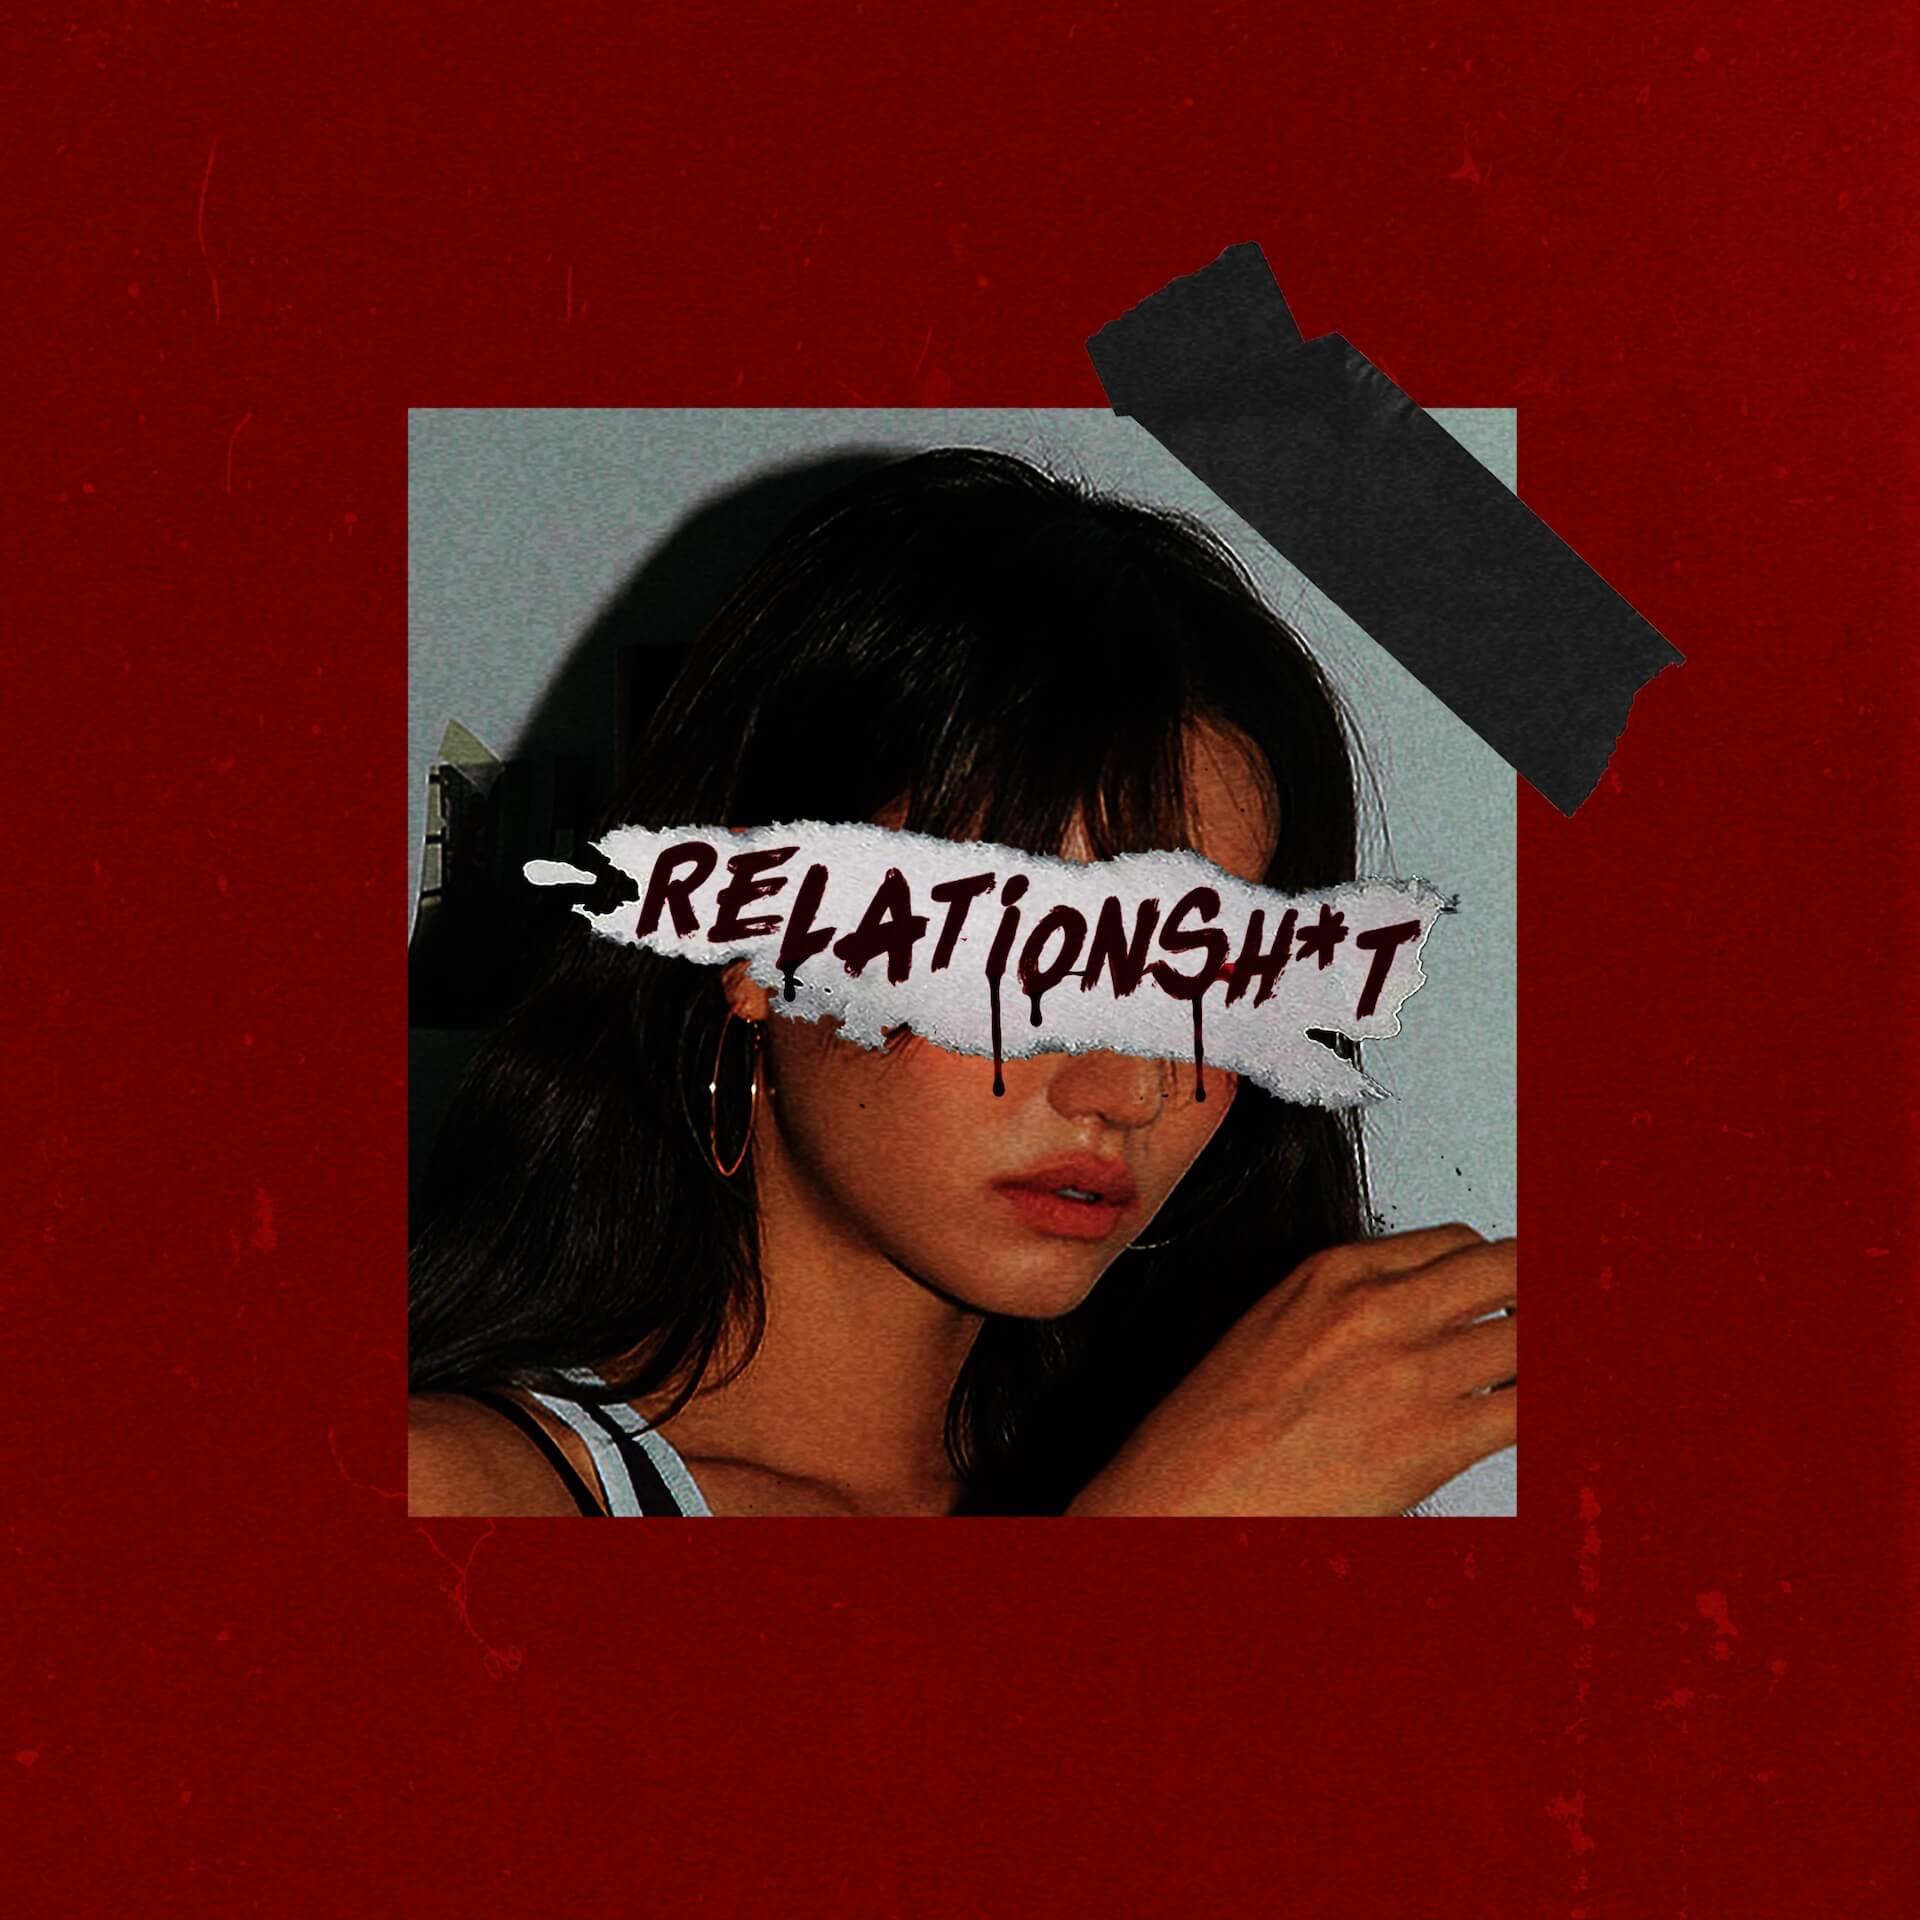 シンガポールの若手R&Bファンクバンドbrb.がデビューアルバム『relationsh*t』を〈Umami Records〉からデジタルリリース! music200312_bnb_01